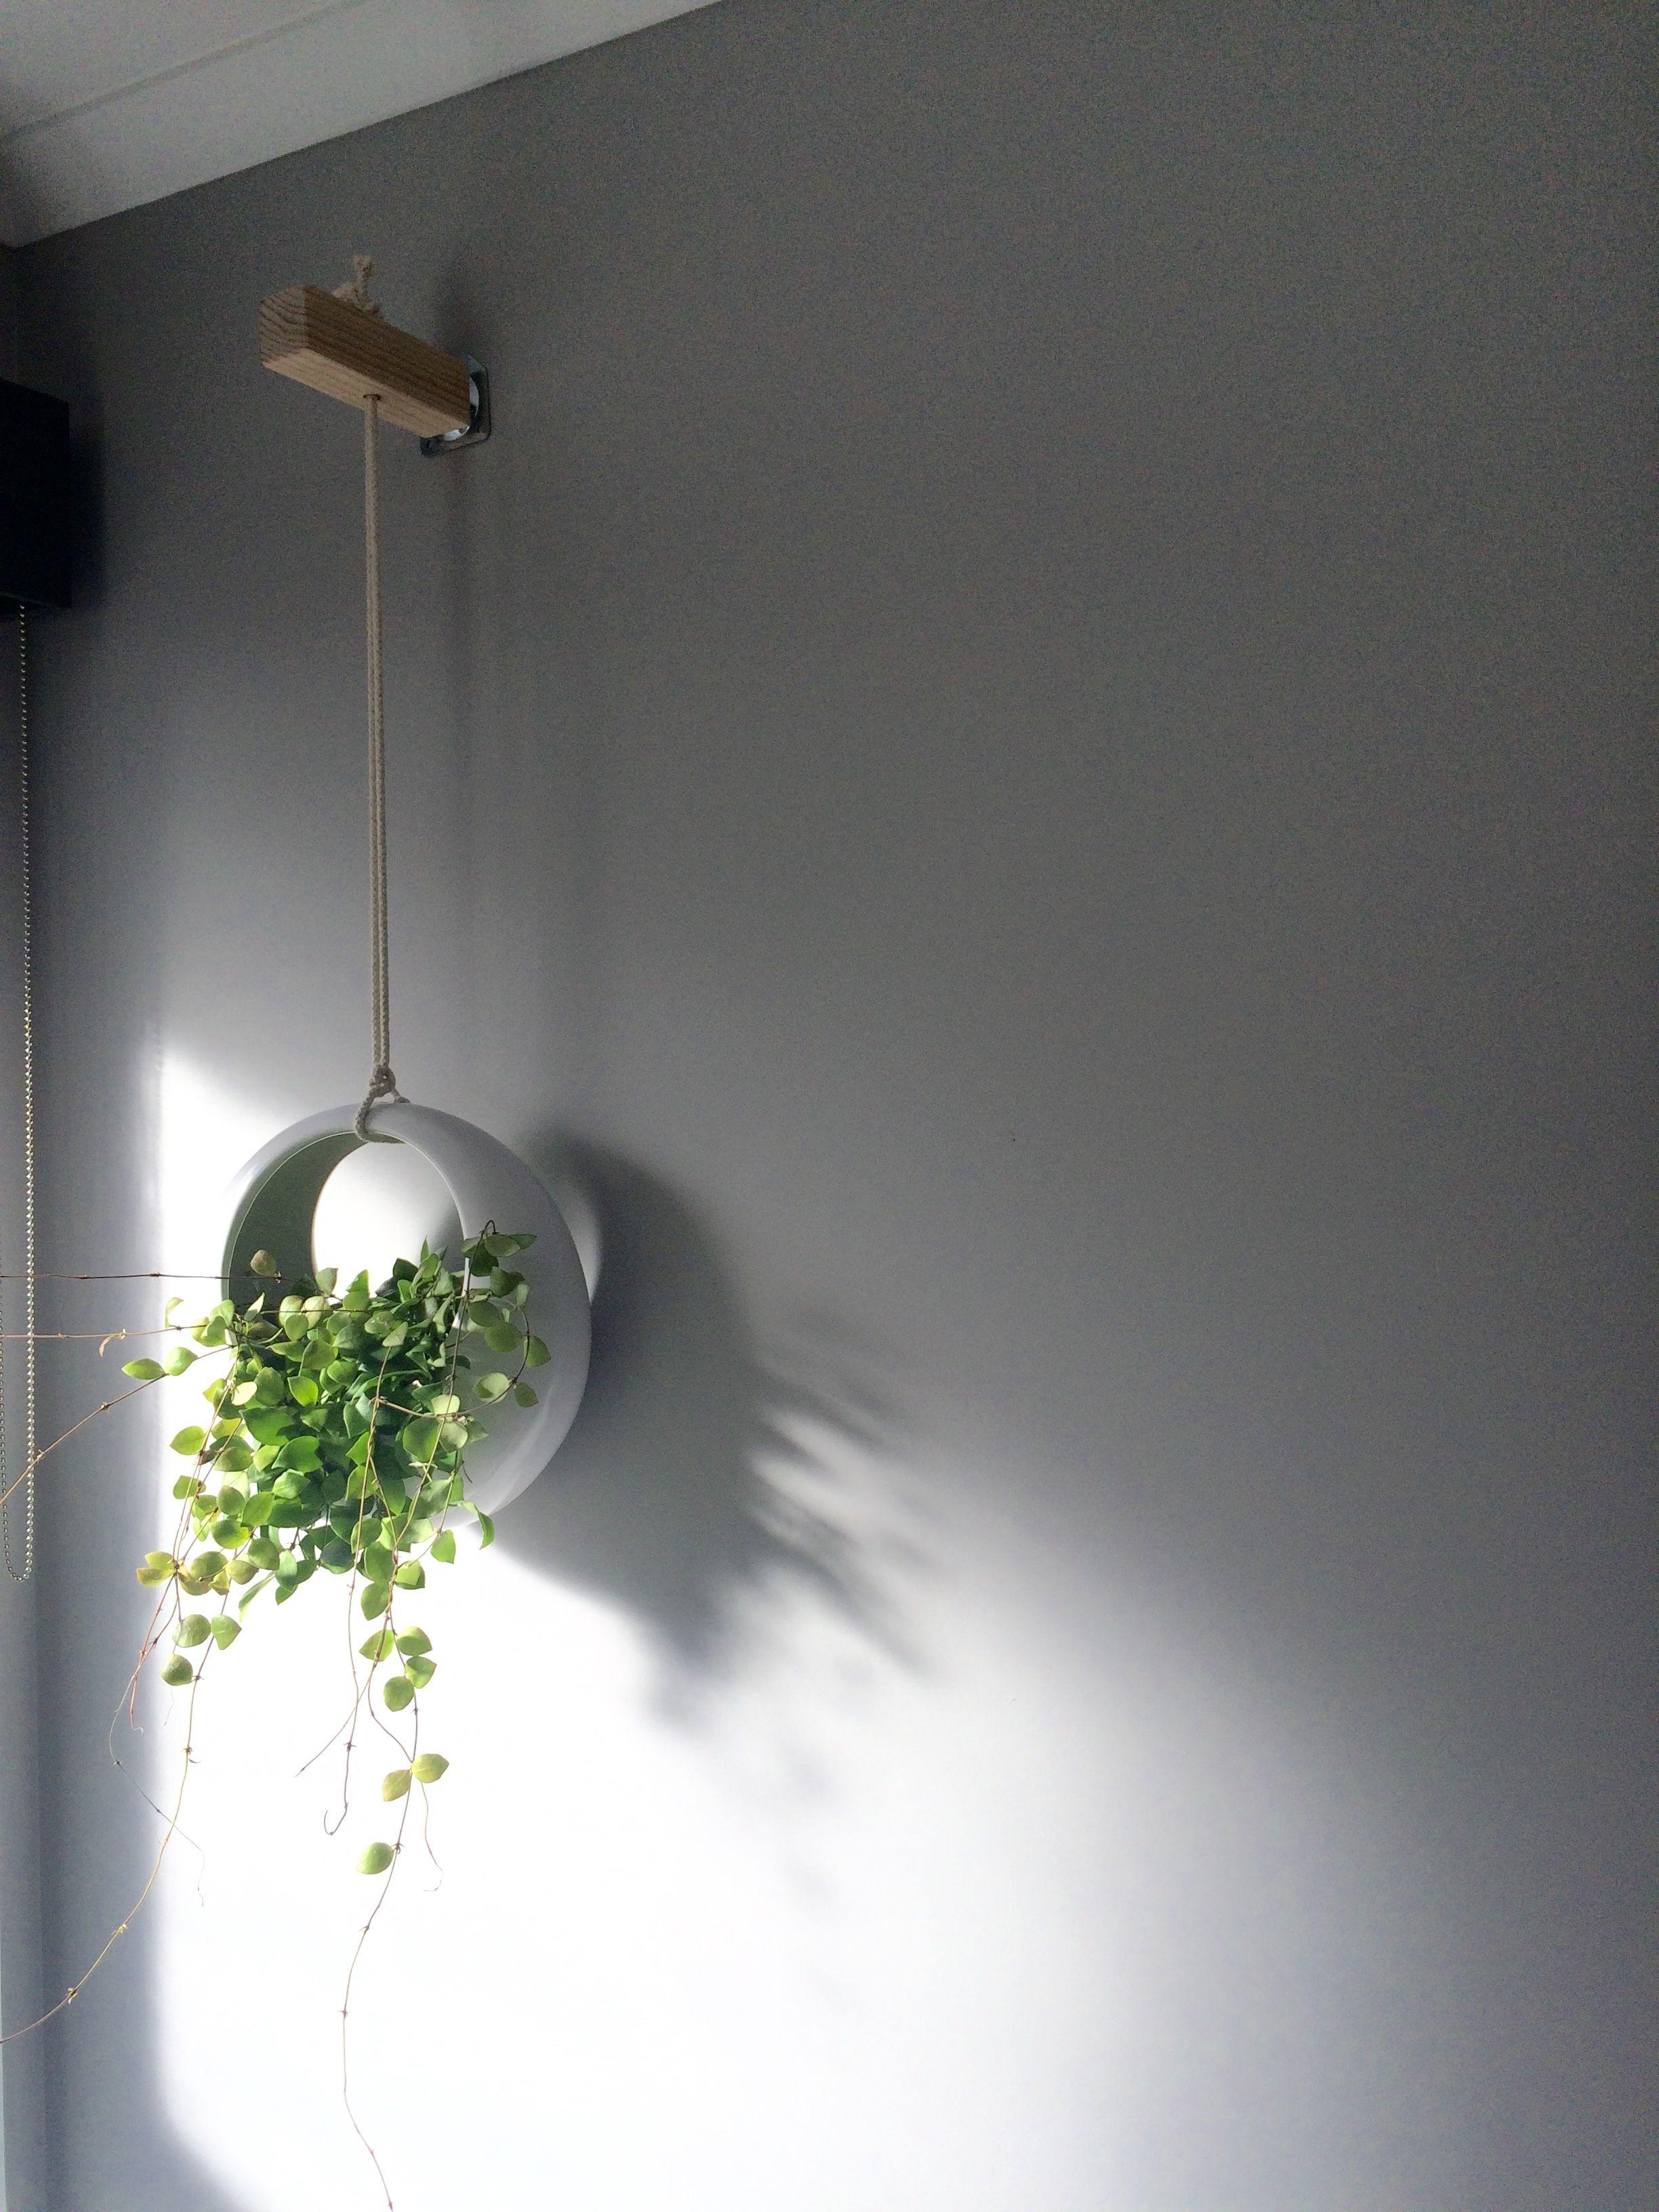 Hanging pot in bathroom kmart  Kmart ideas